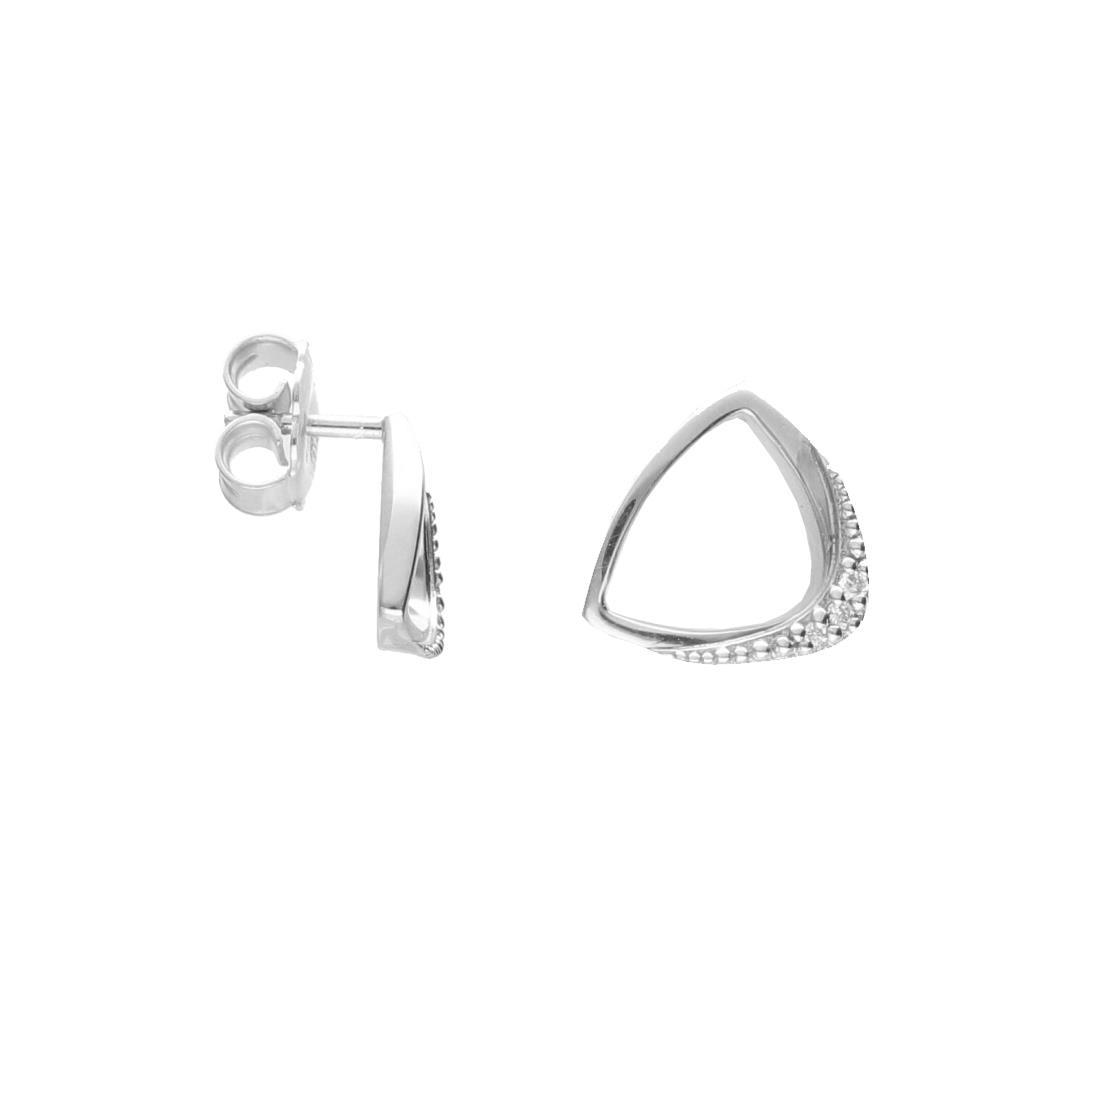 Orecchini in oro bianco con pavè di diamanti - ALFIERI & ST. JOHN